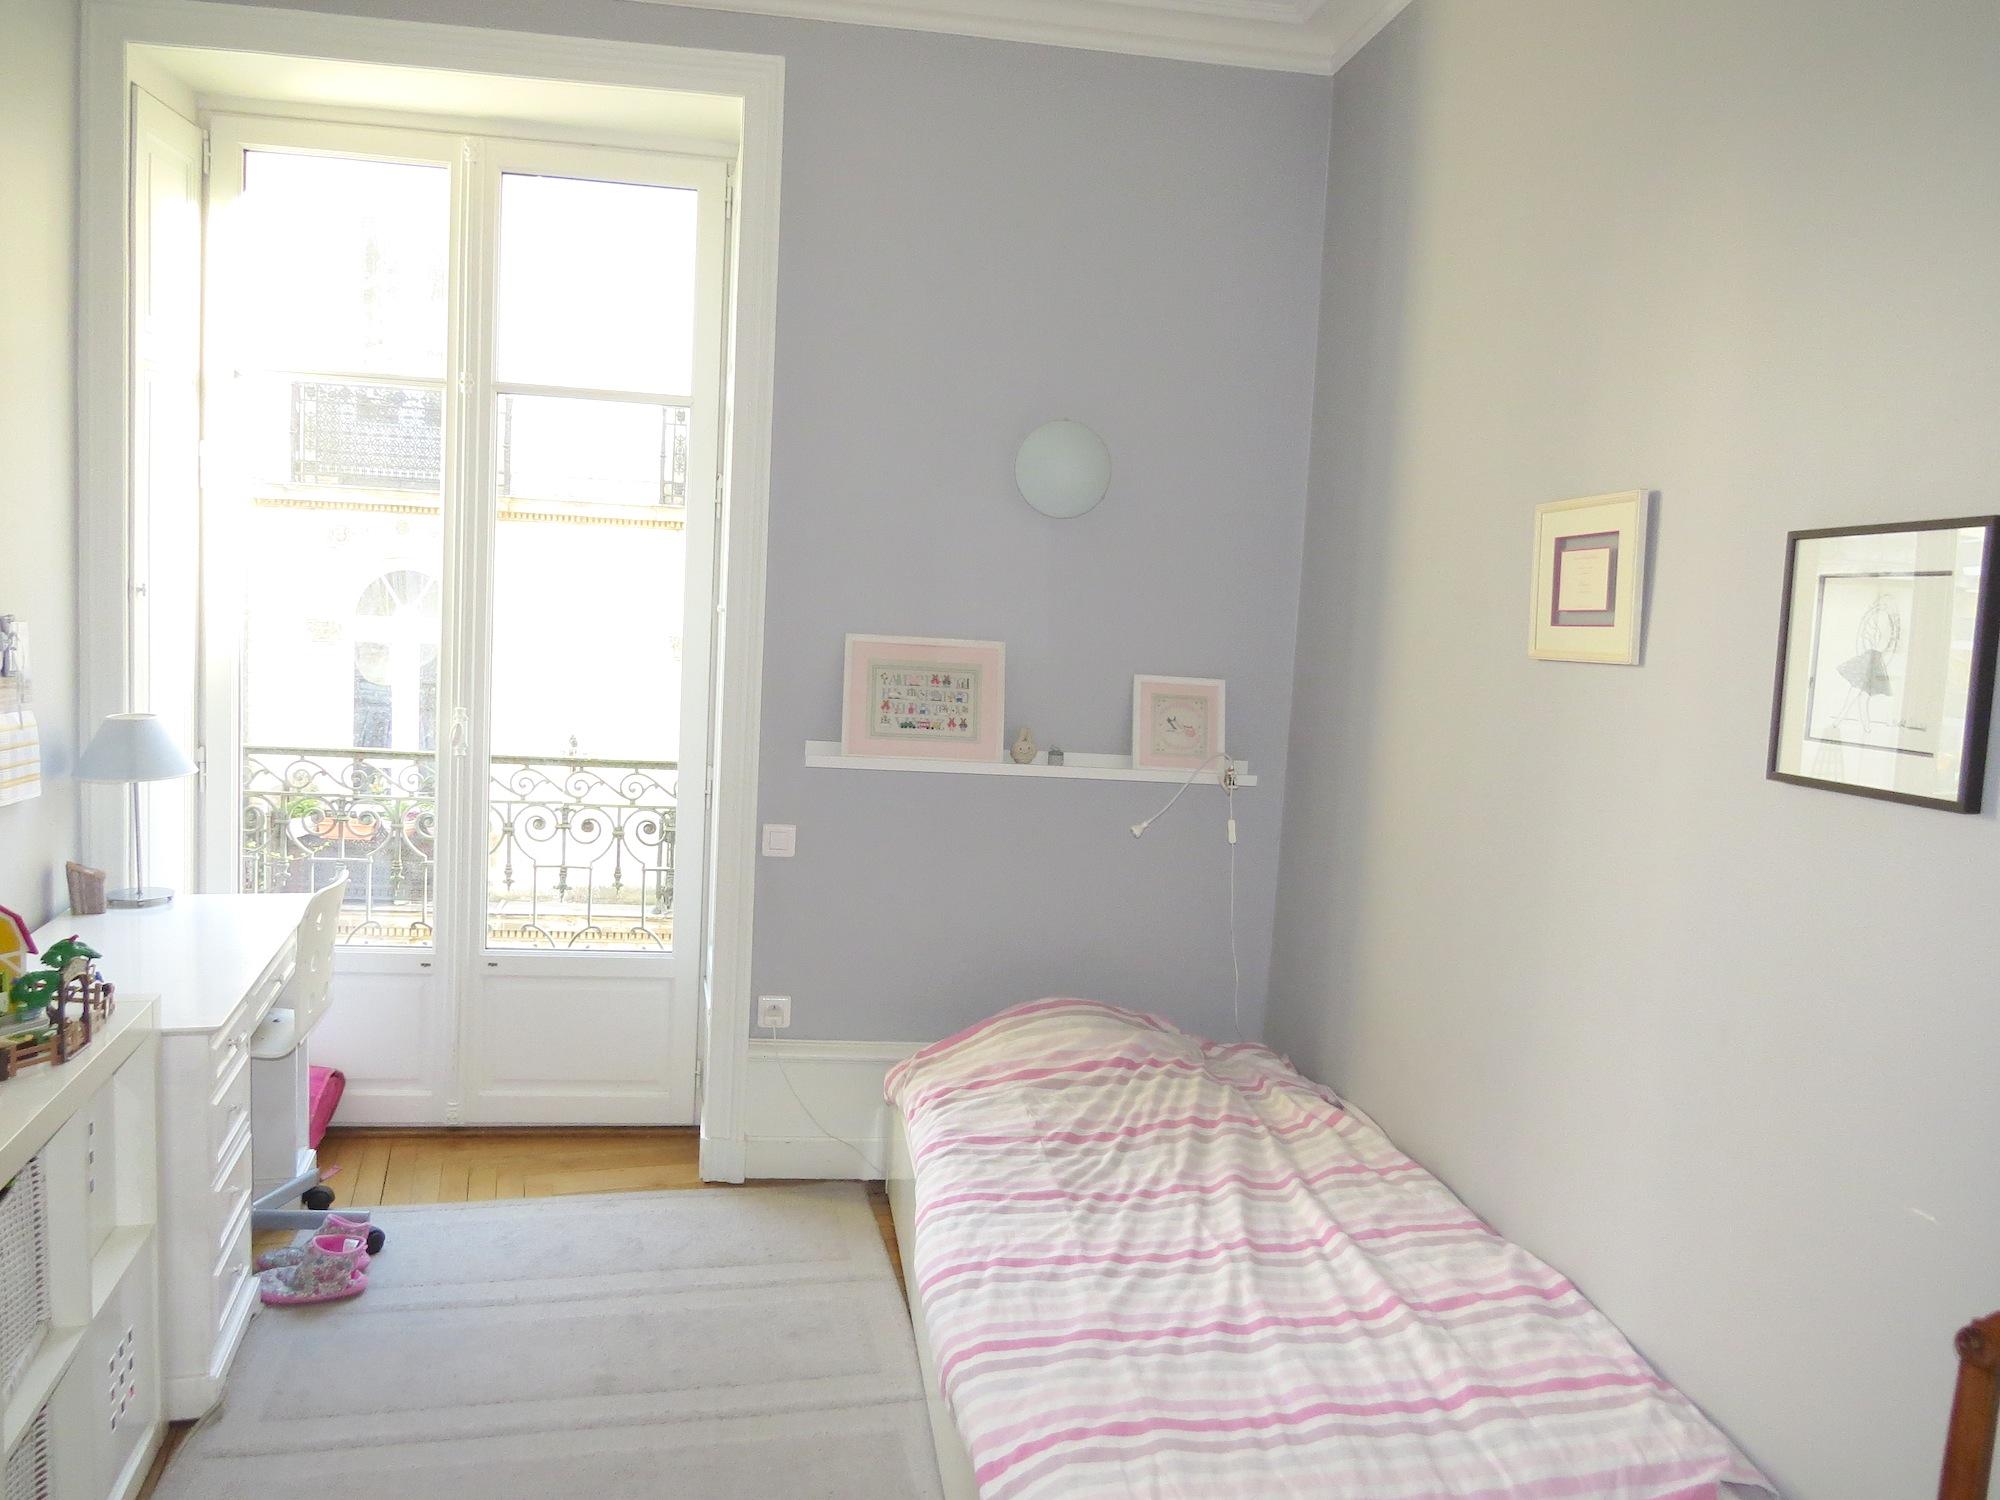 Alix deveaux immobilier - Surface habitable minimum d une chambre ...